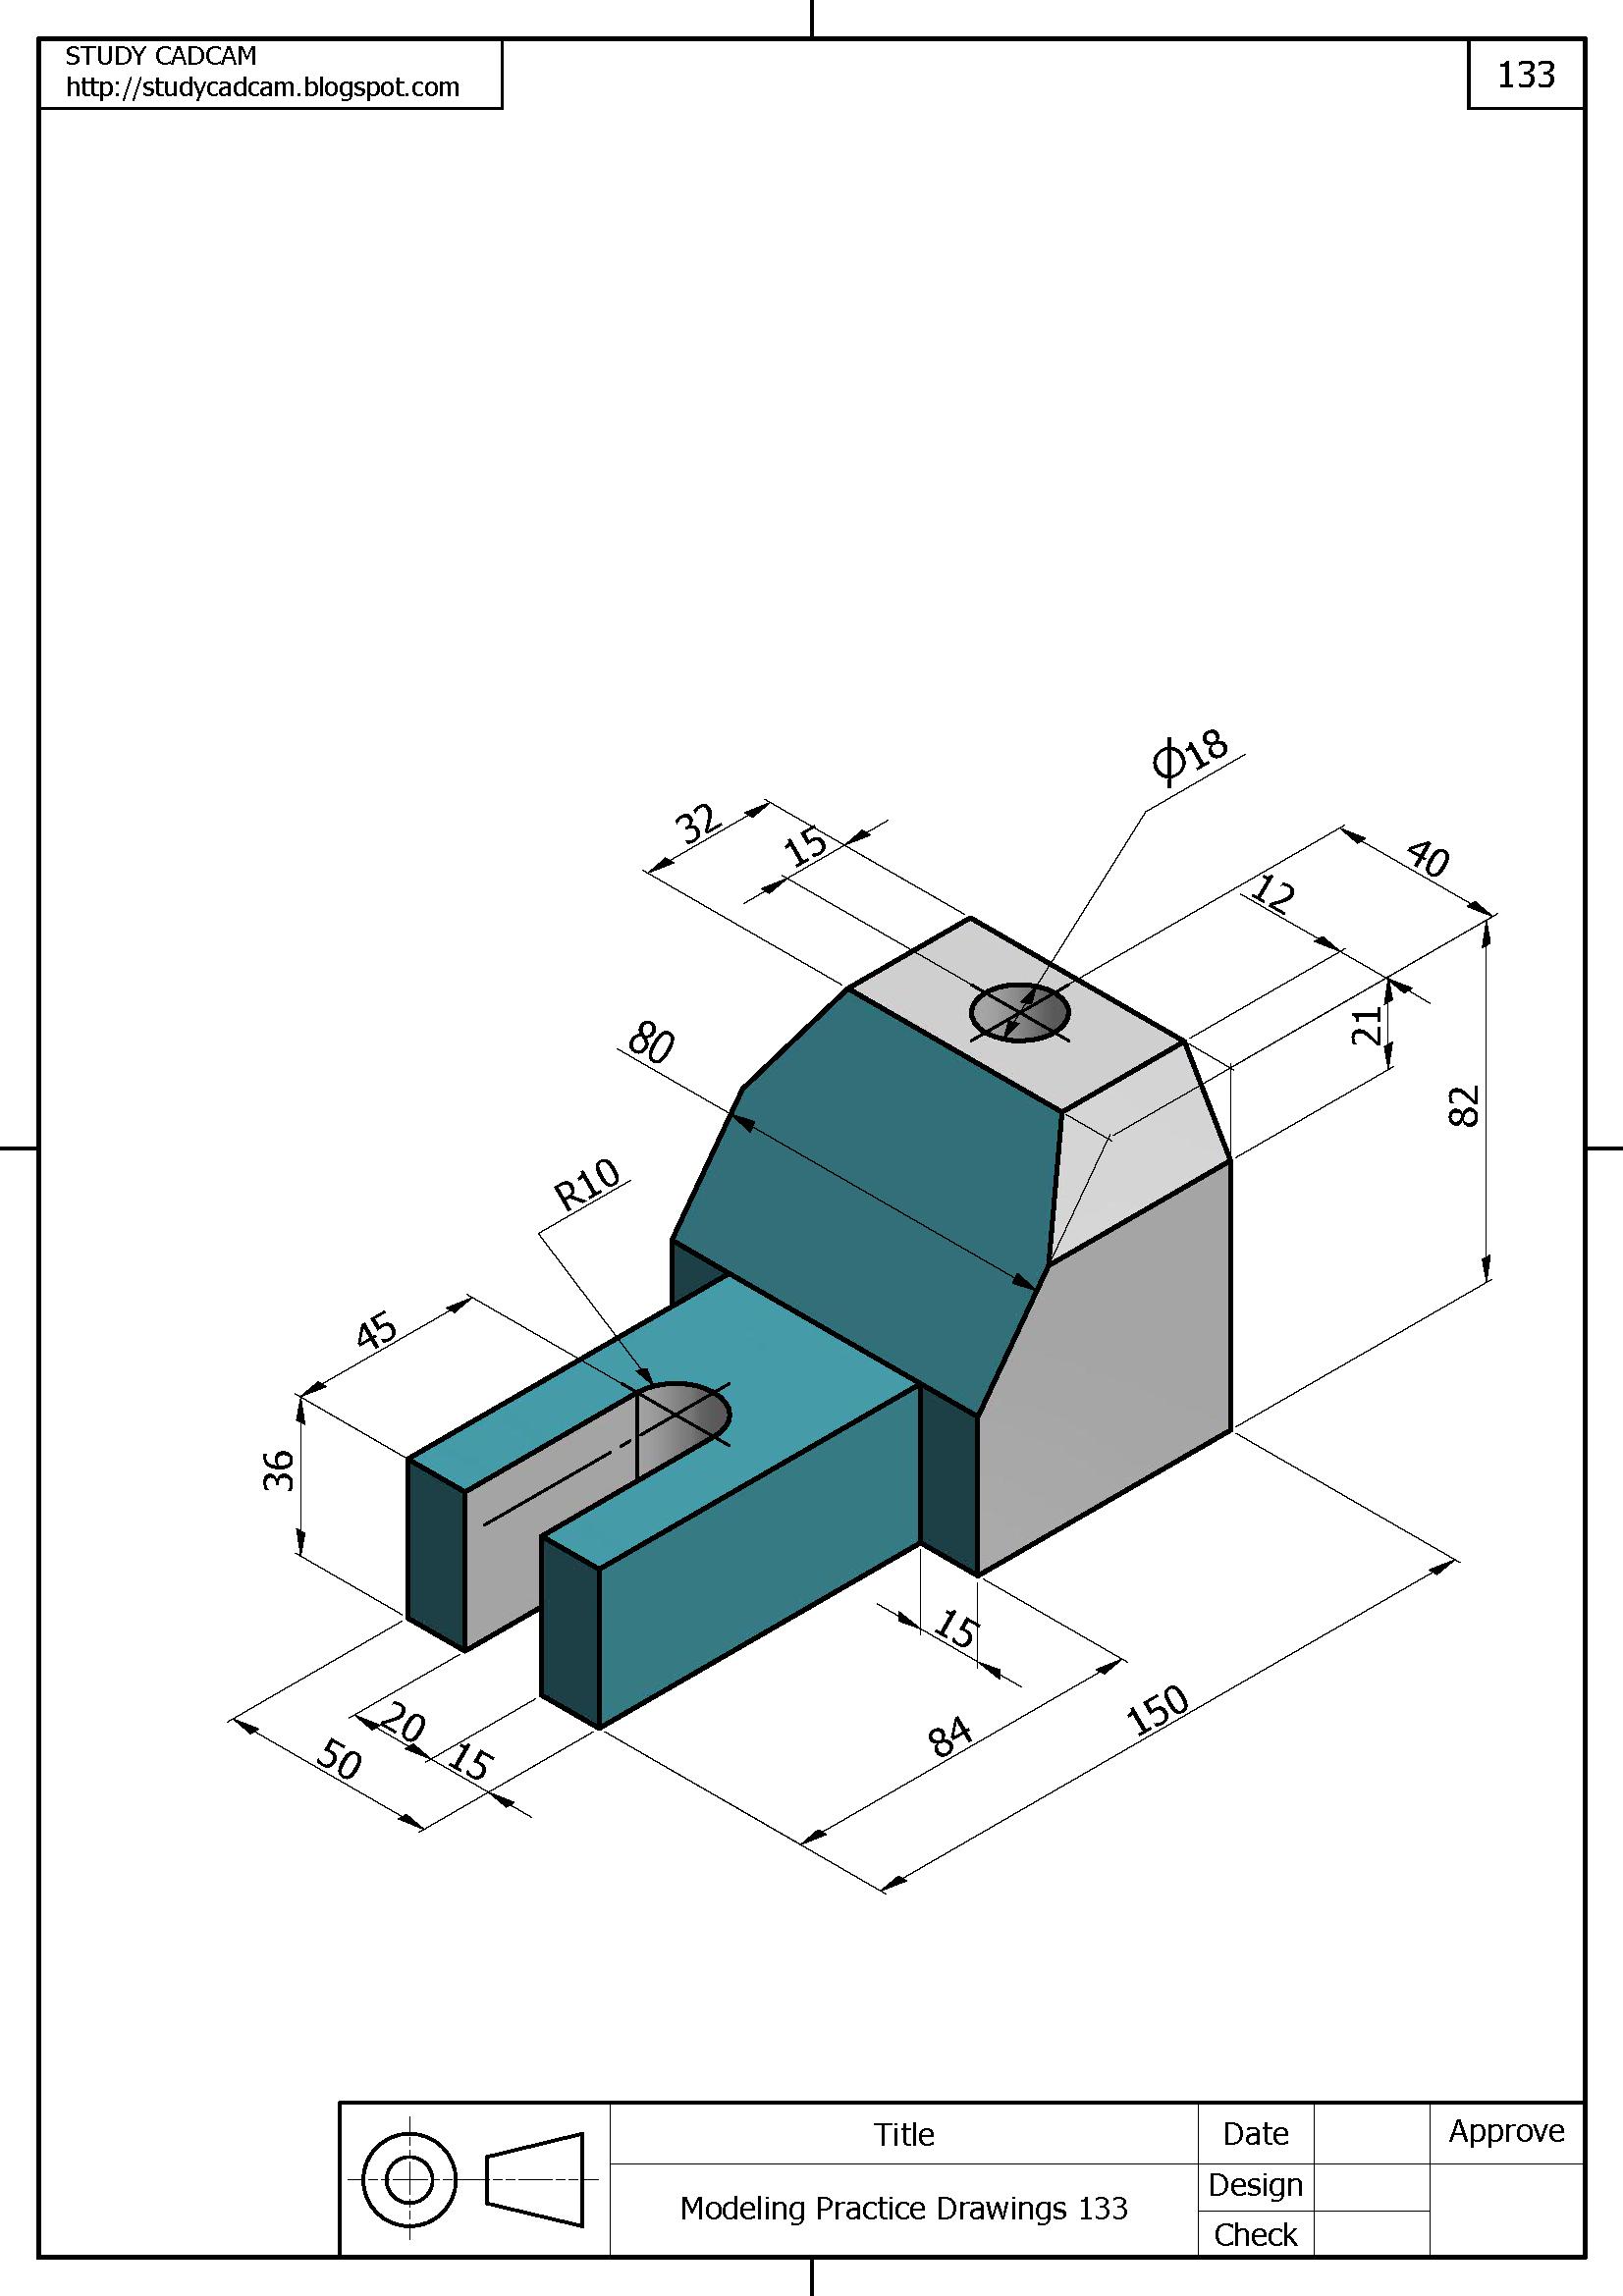 Imagen De Studycadcam En 3d Modeling Practice